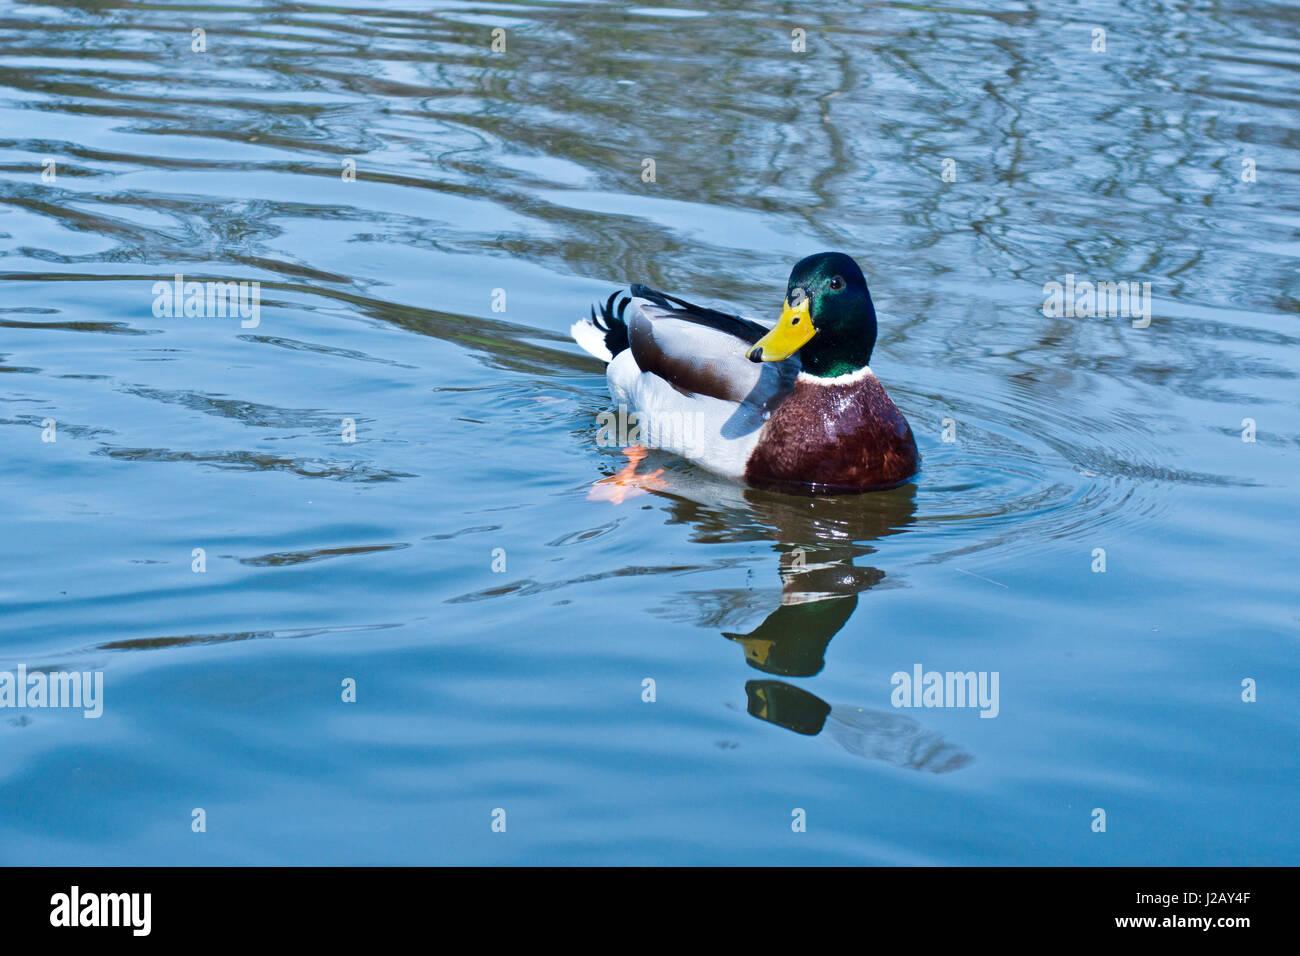 Mallard duck swimming in a river - Stock Image